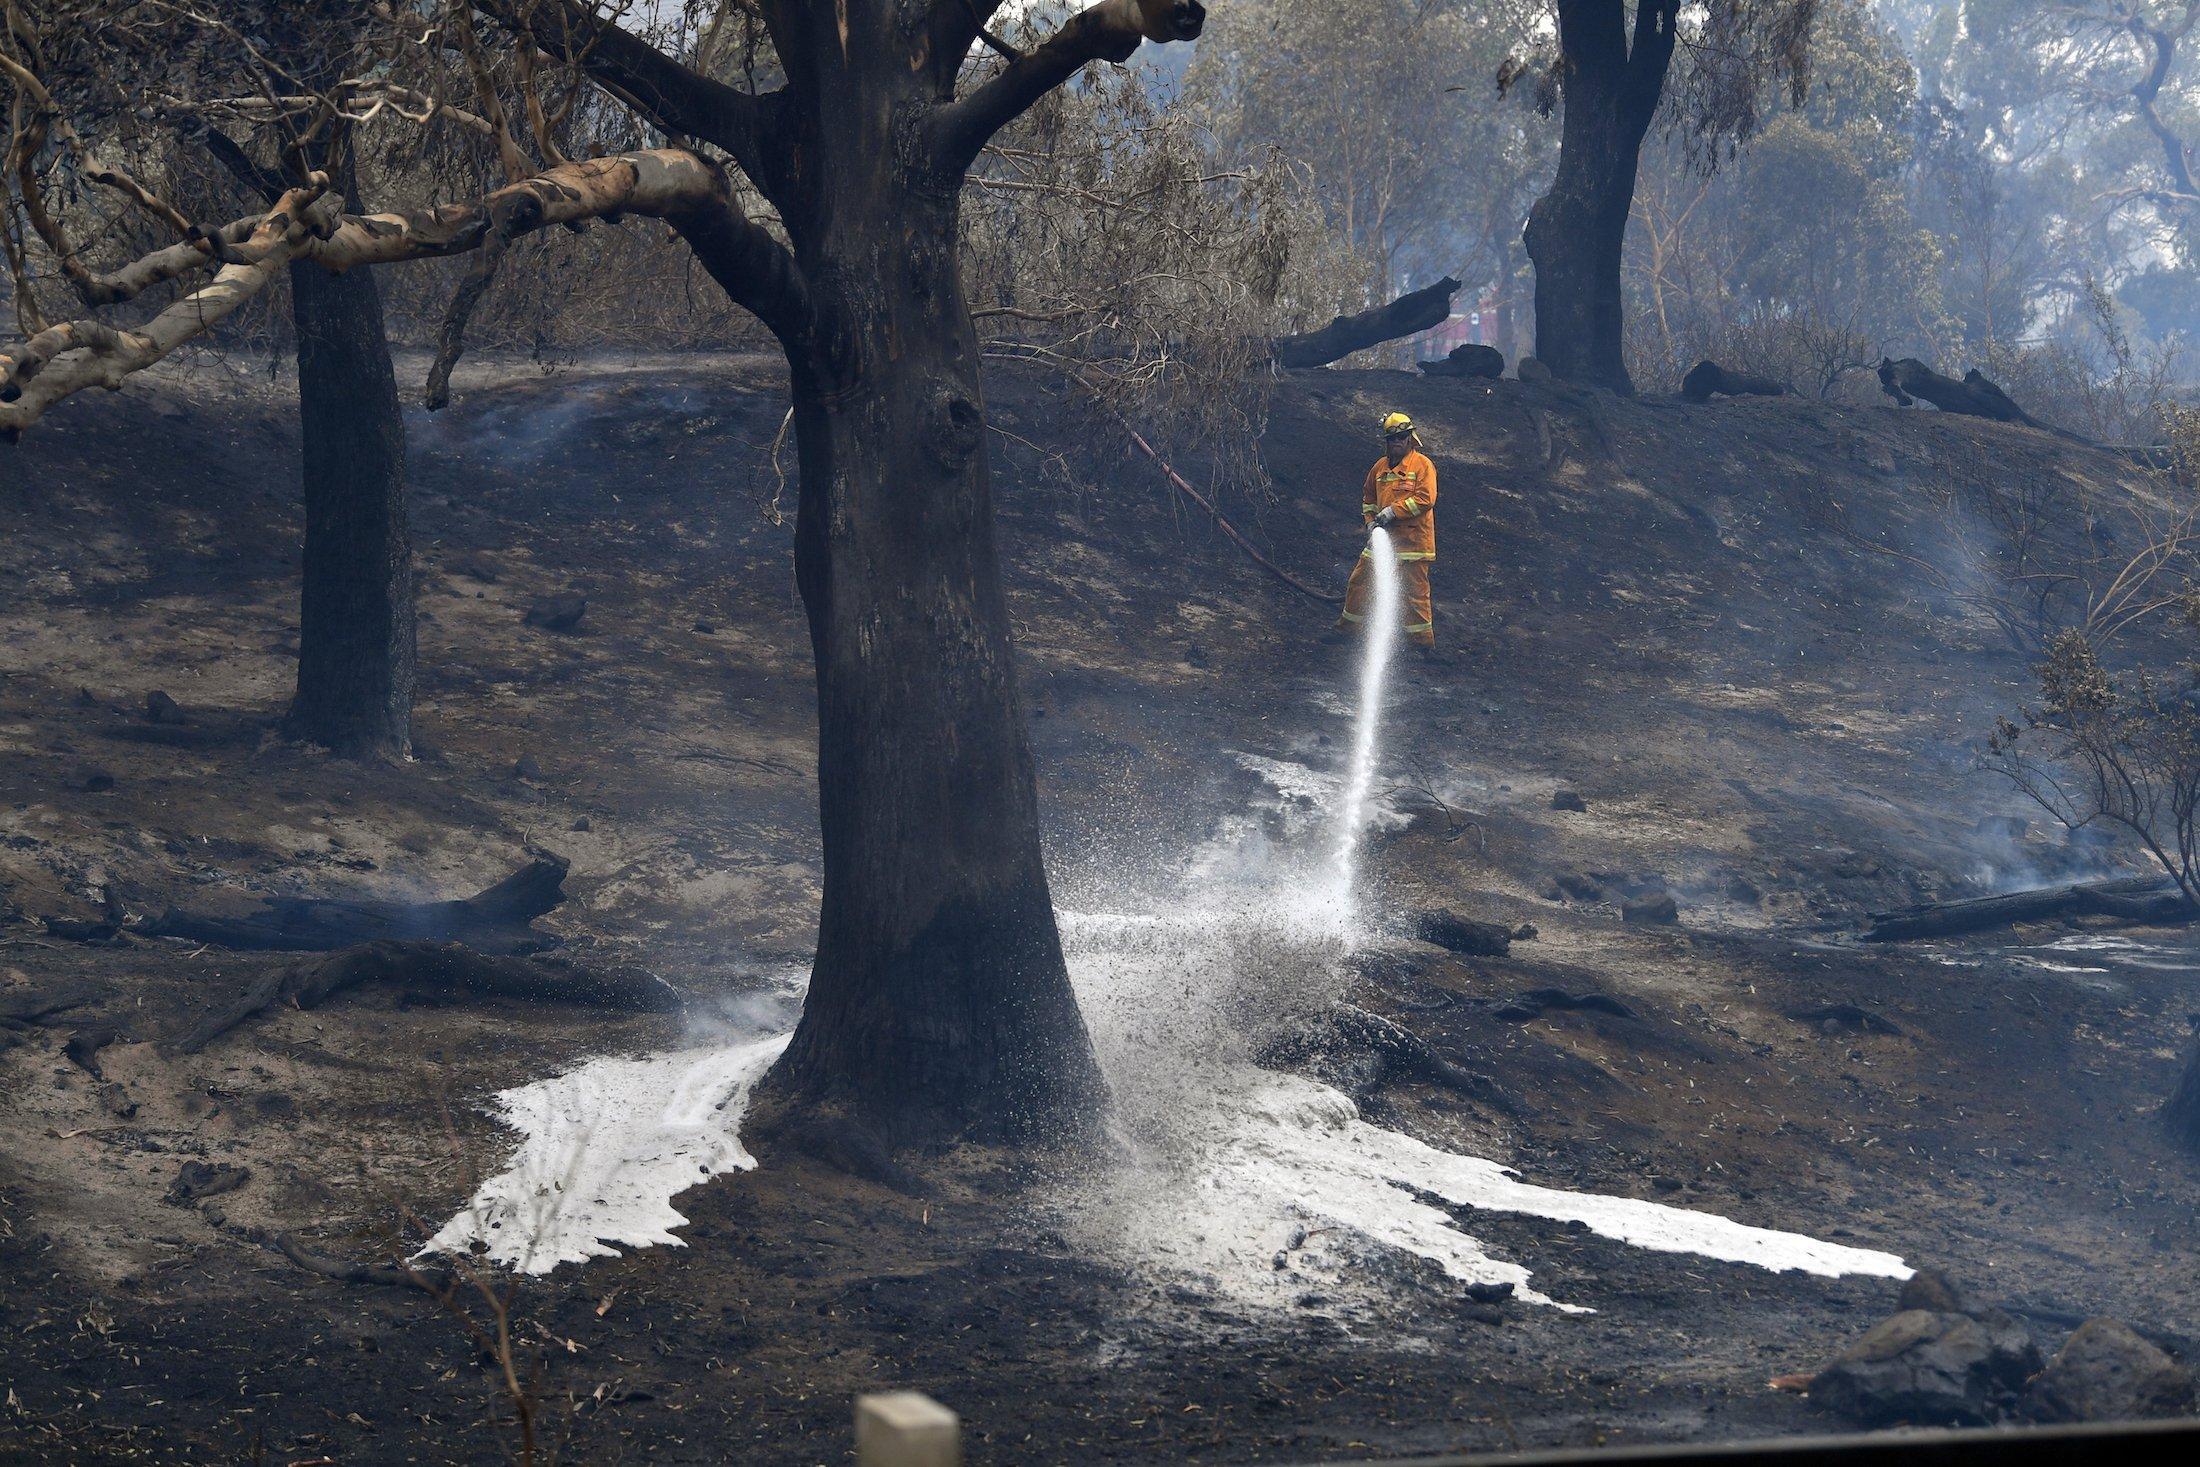 Das Bild zeigt einen hellorgane gekleideten Feuerwehrmann in einer verkohlten Waldlandschaft. Er hat einen Löschschlauch in der Hand und spritzt Wasser und eventuell brandverzögernde Chemikalien in die Landschaft.